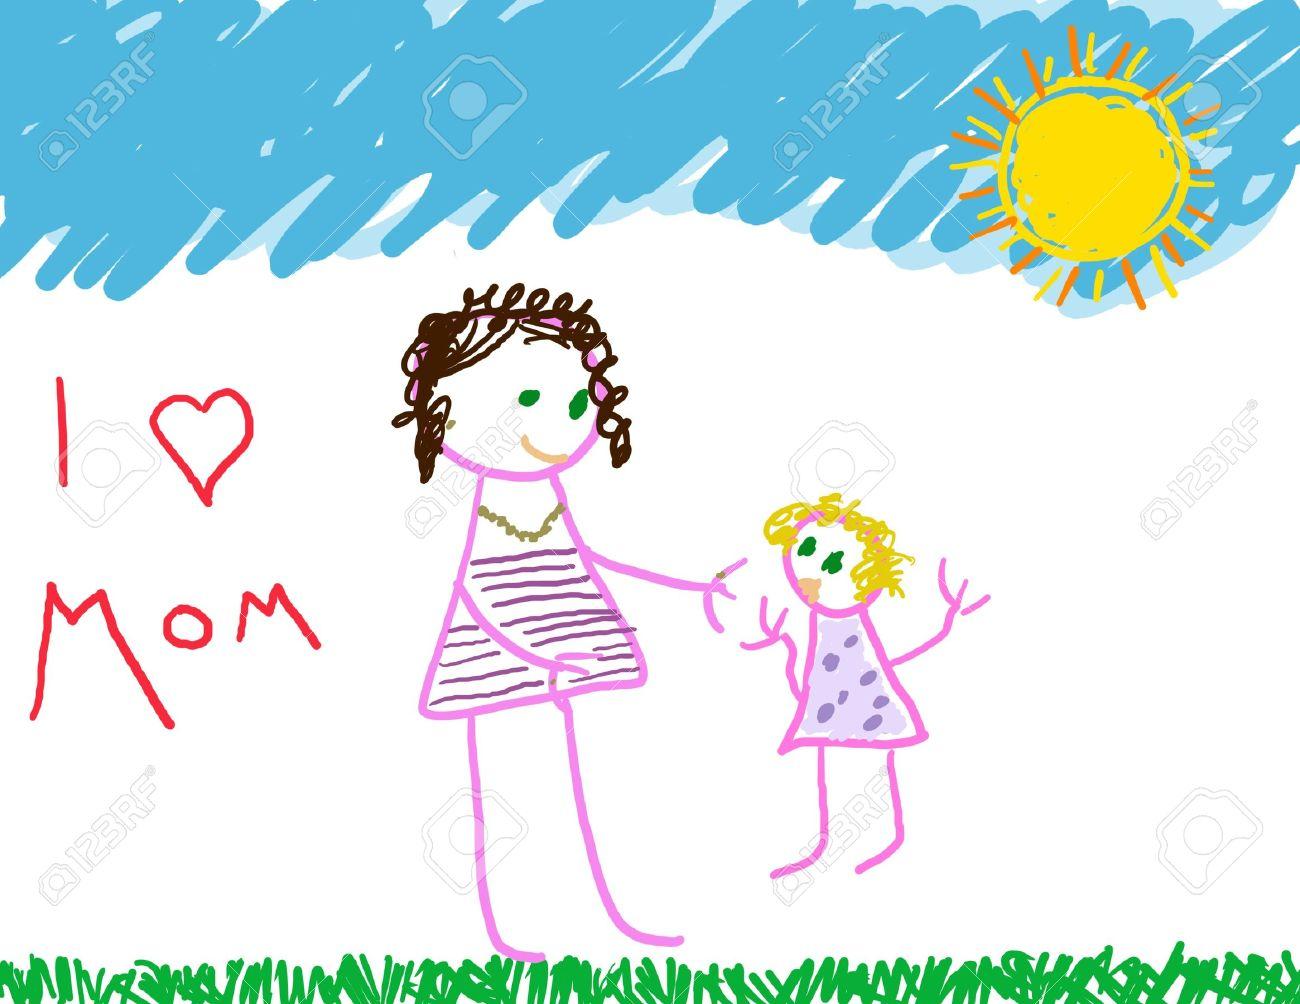 J Adore Le Dessin De La Mère Maman Et Sa Fille